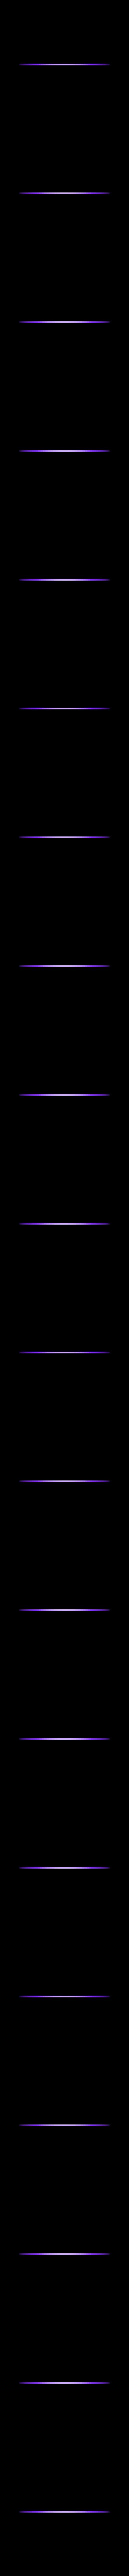 FresnelOptimum2_Loch__repariert_.stl Télécharger fichier STL gratuit Fresnel Miroir Réflecteur Réflecteur Cuisinière Solaire • Design imprimable en 3D, AlbertKhan3D